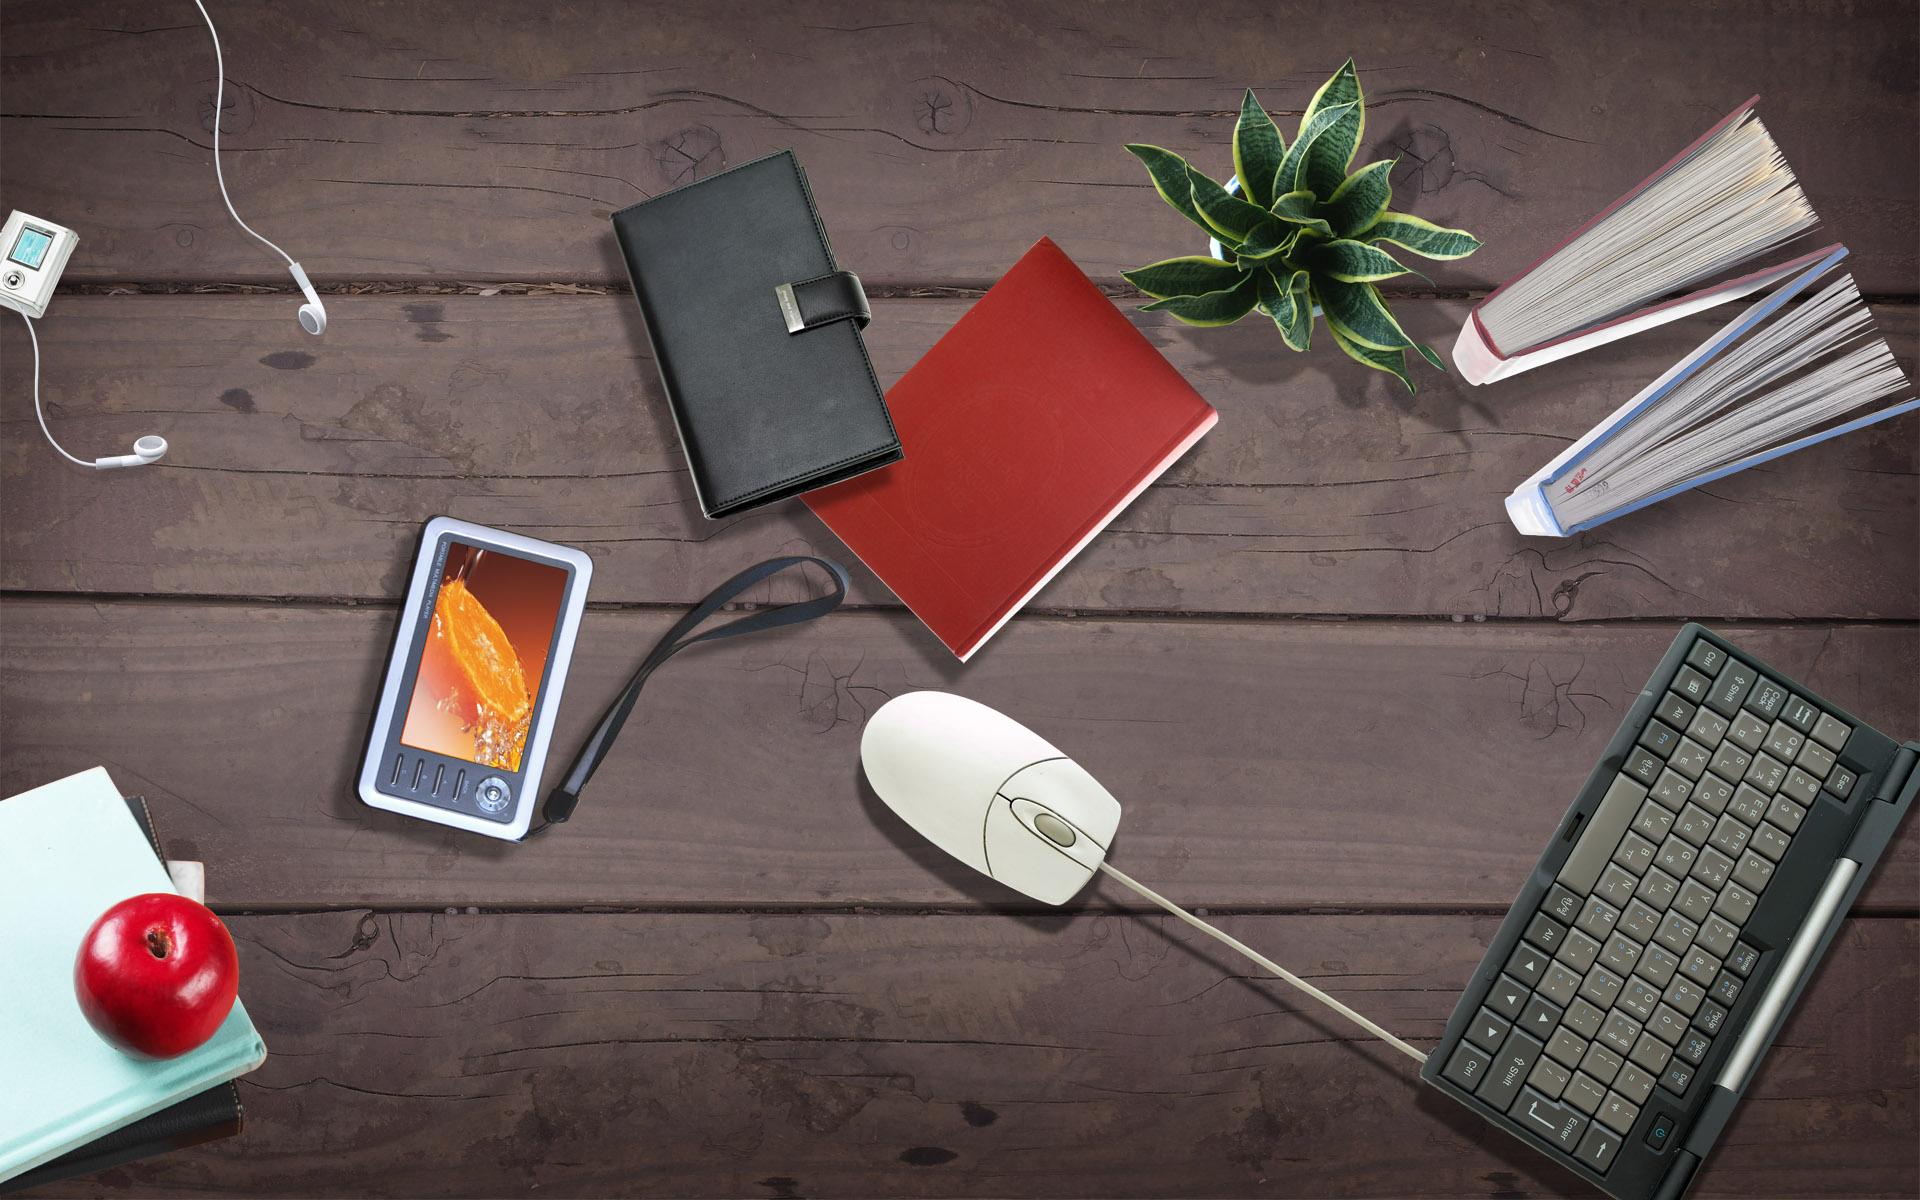 579596-gadgets